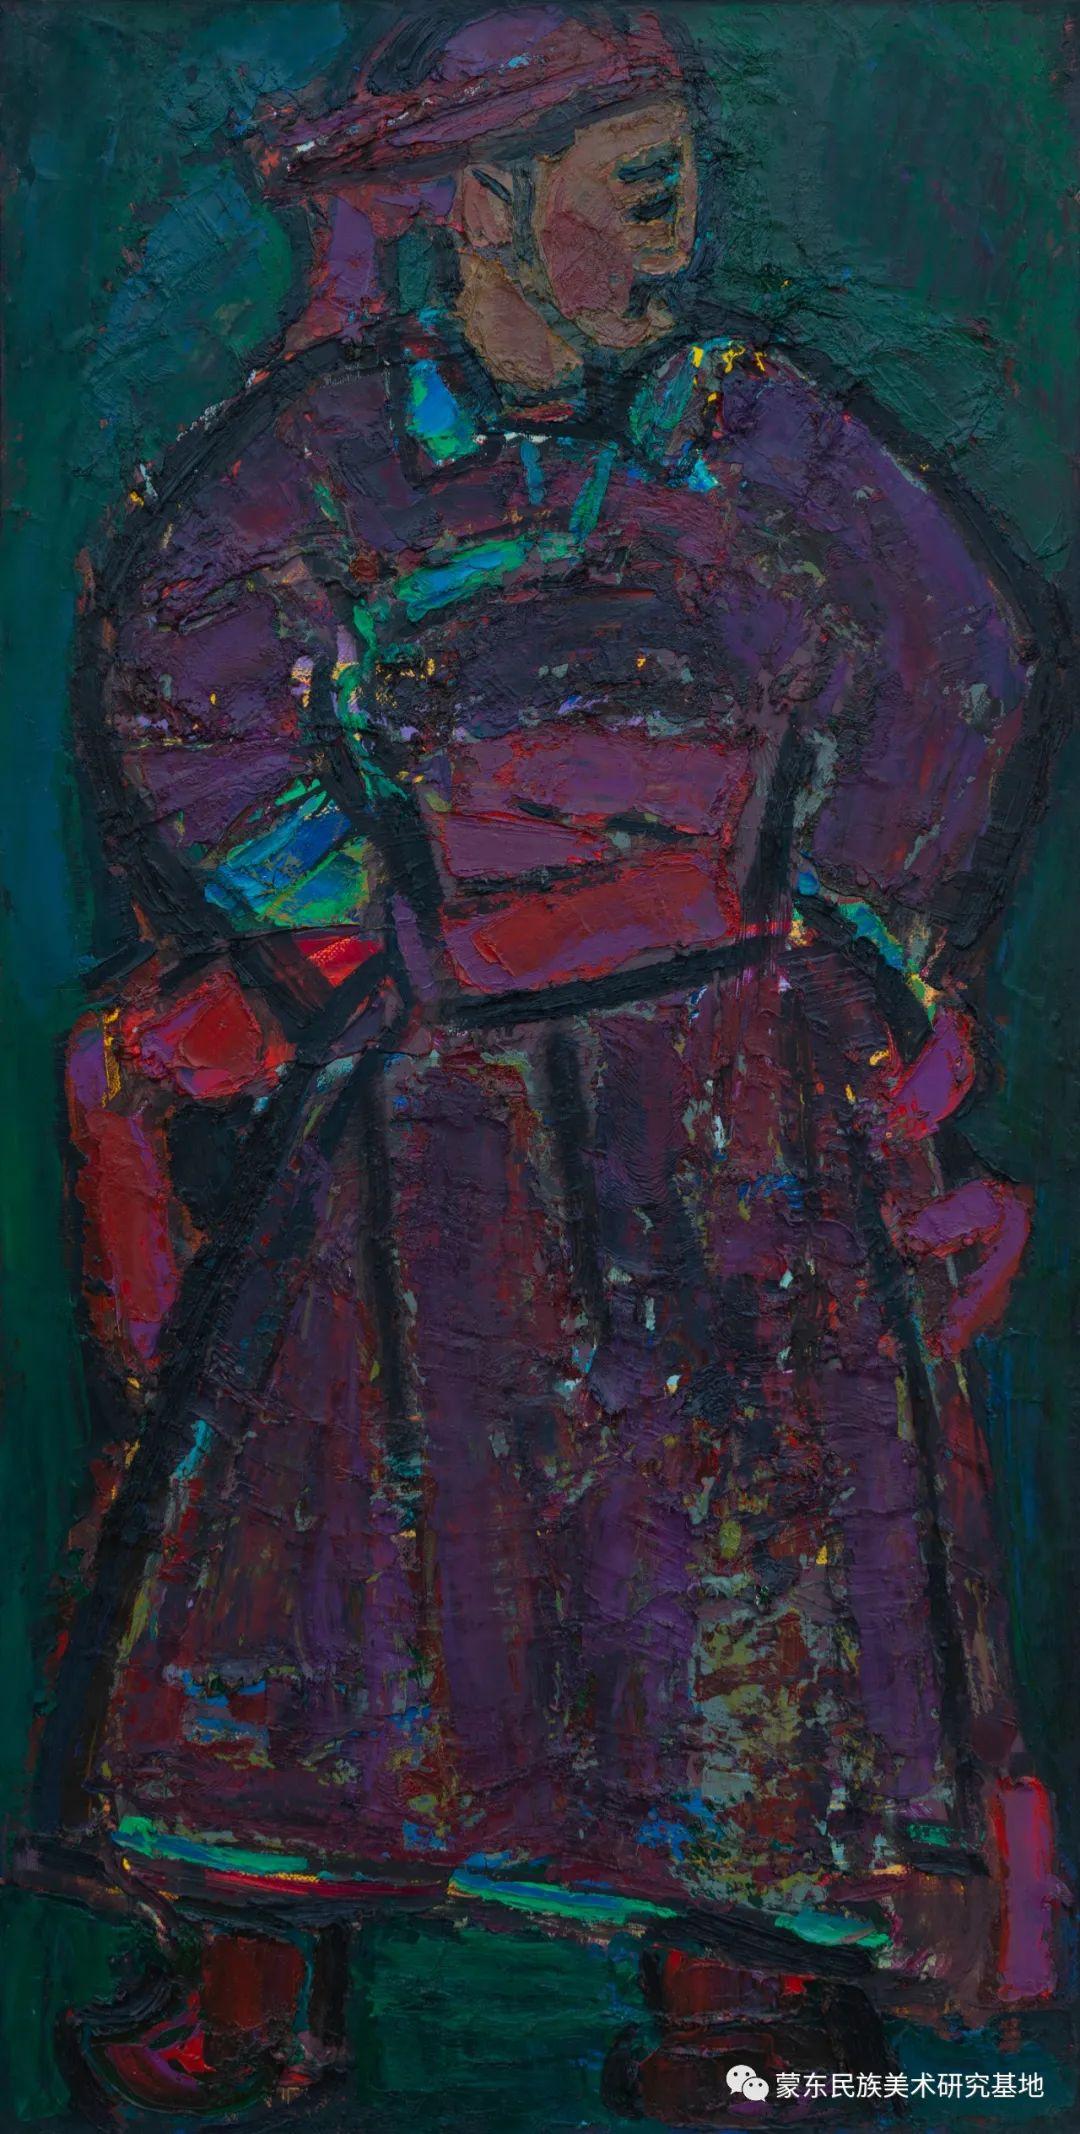 科尔沁首届油画展作品集 第23张 科尔沁首届油画展作品集 蒙古画廊